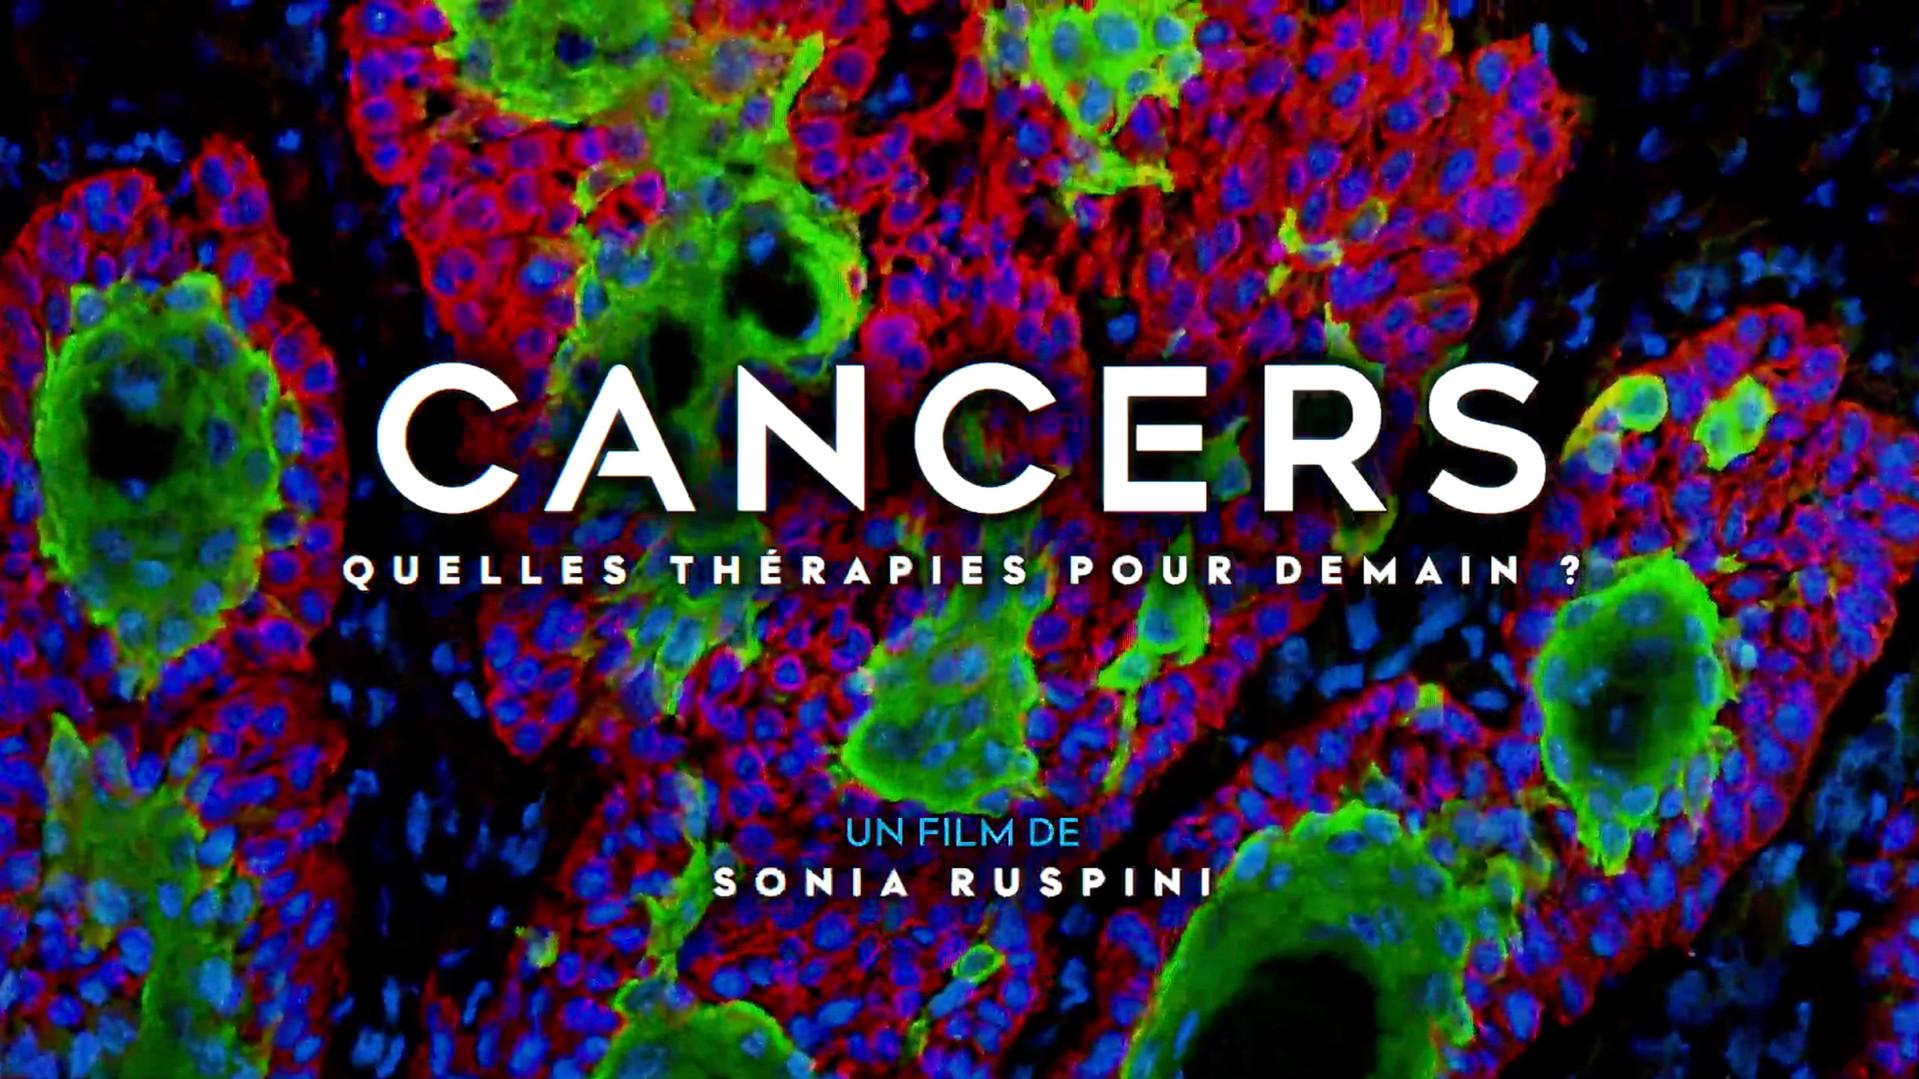 Cancers, quelles thérapies pour demain ? • 2015 (52 min)